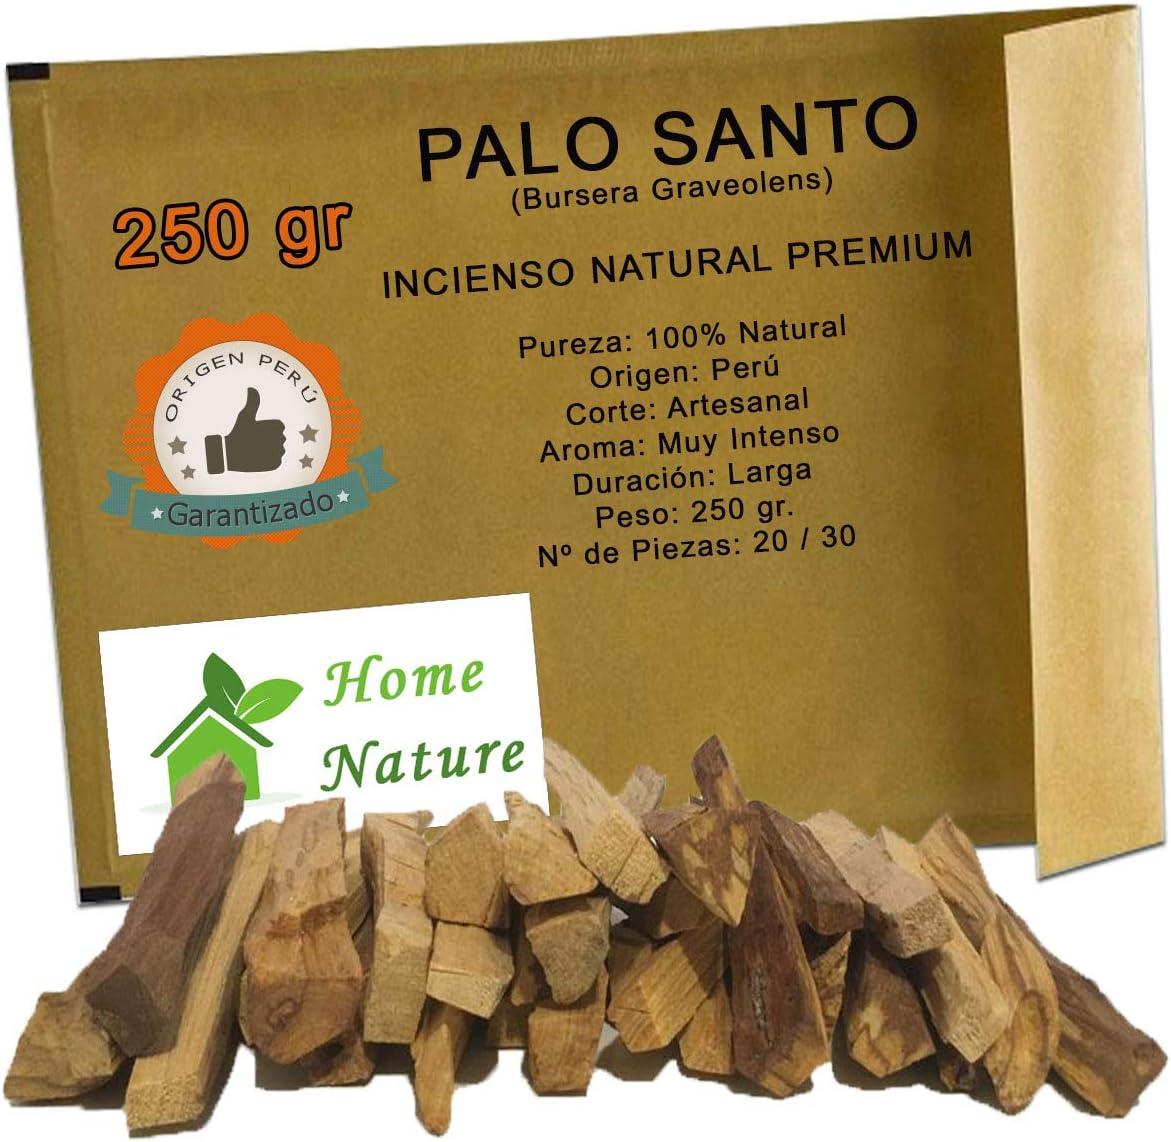 Incienso Naturel Palo Santo